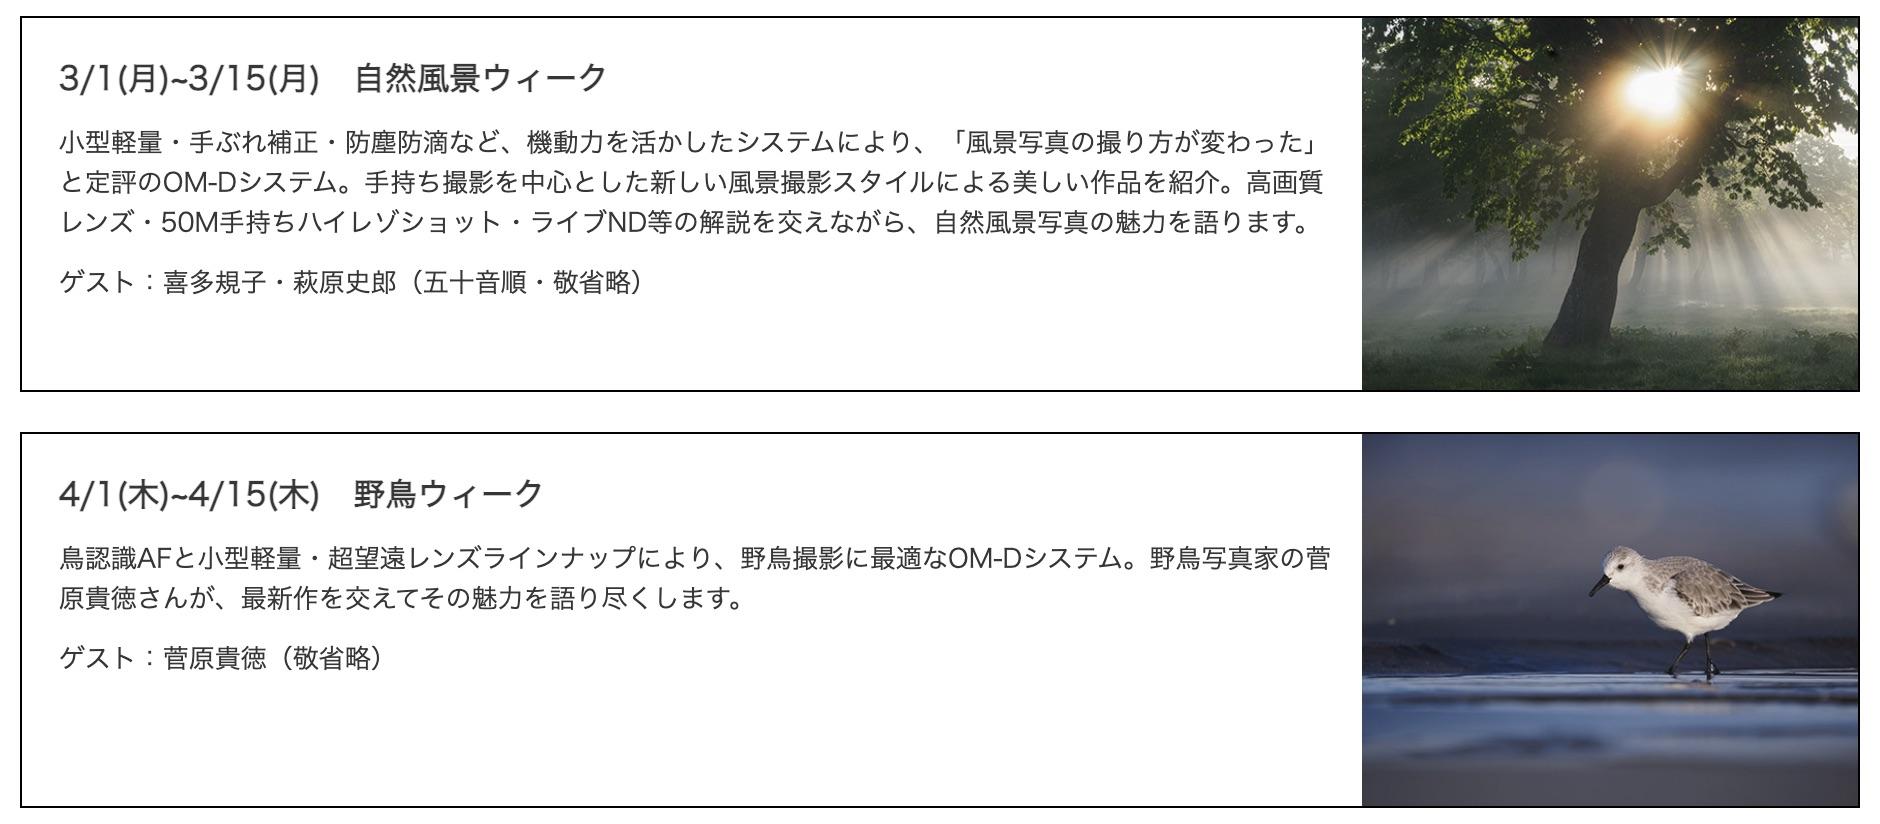 f:id:OKP:20210221141222j:plain